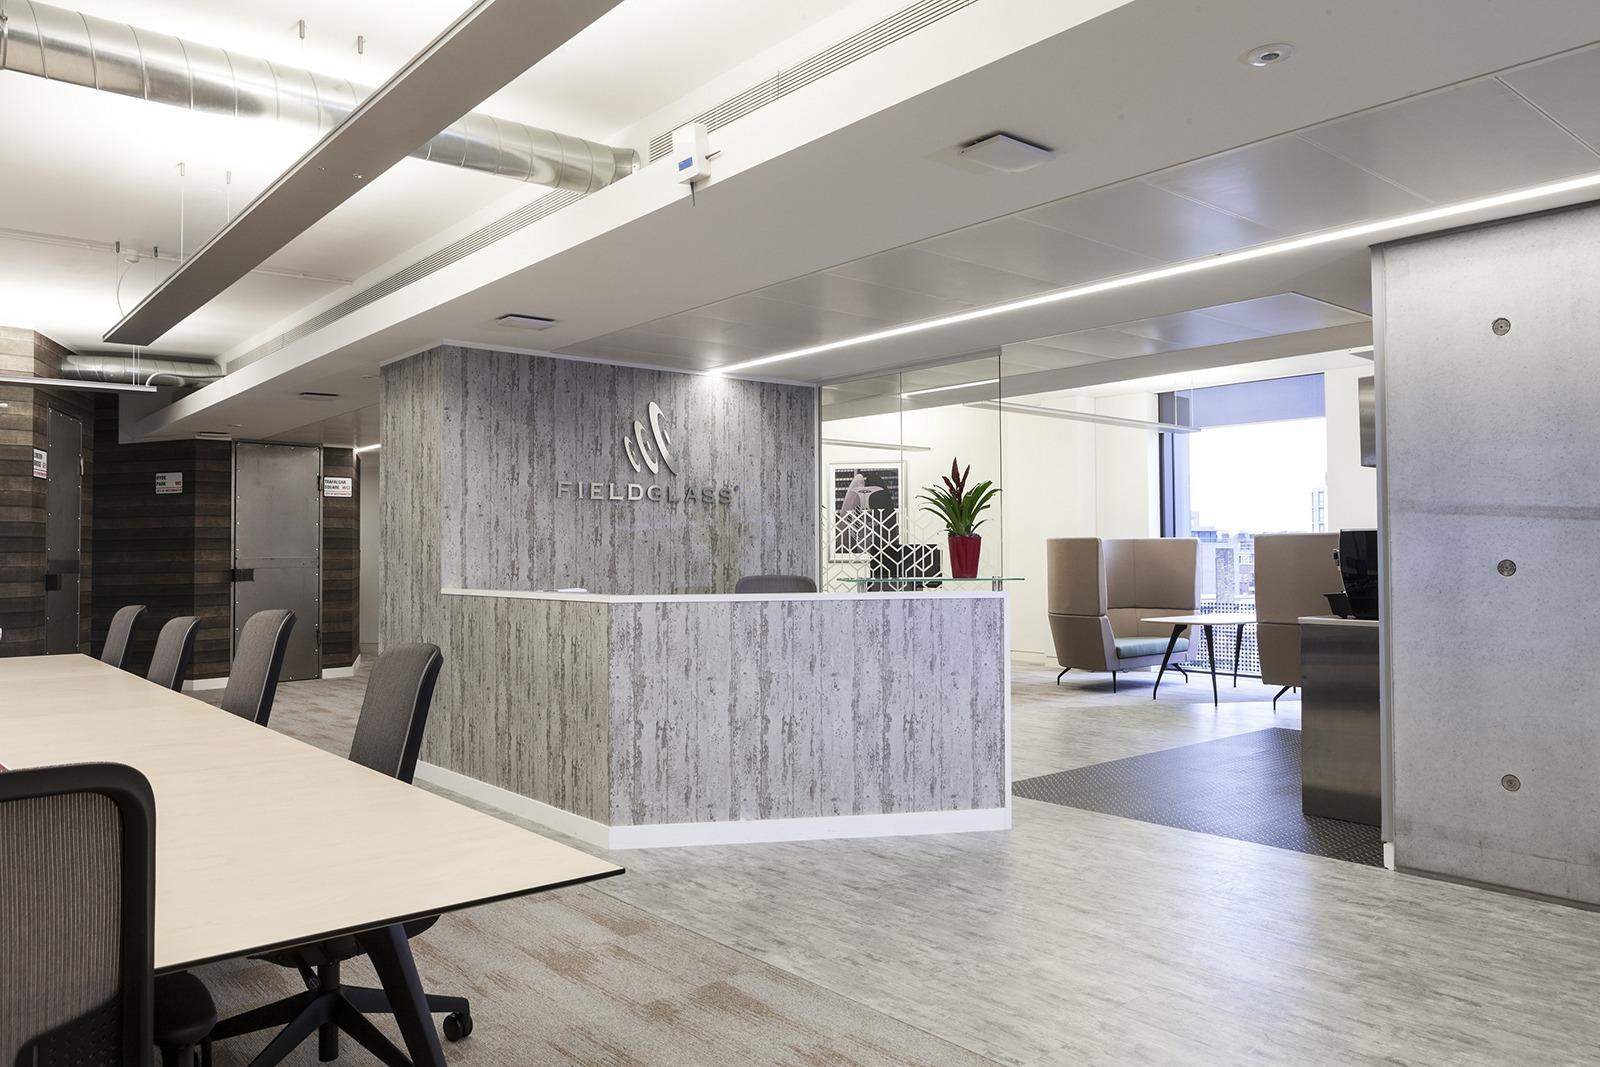 fieldglass-london-office-1